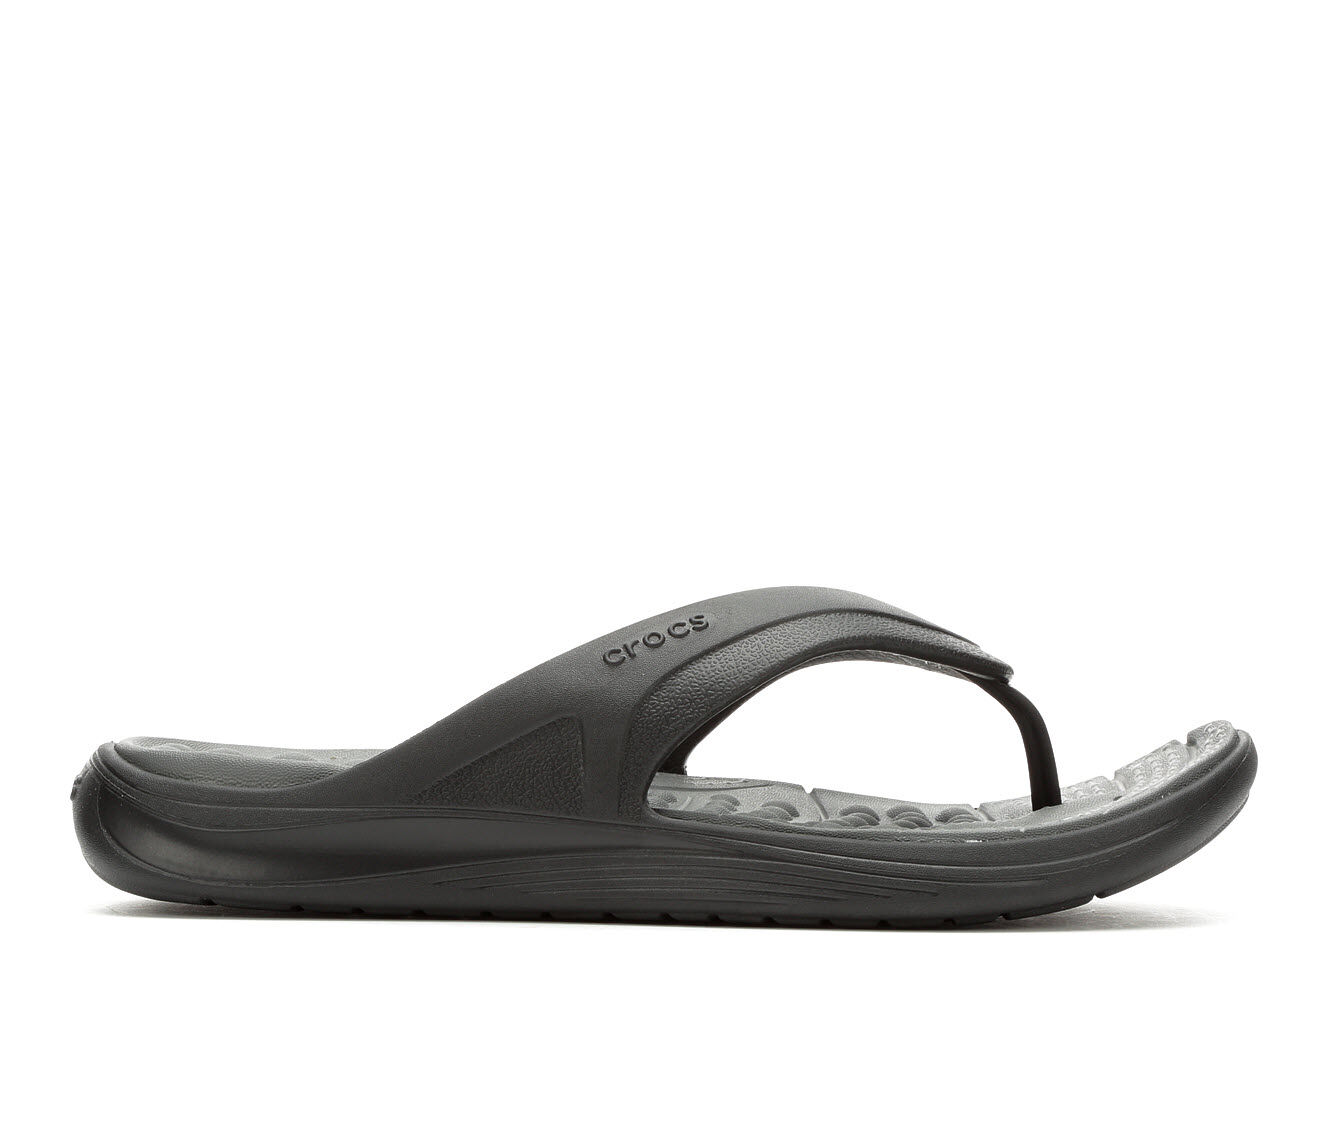 Men's Crocs Reviva Flip-Flop Black/Grey